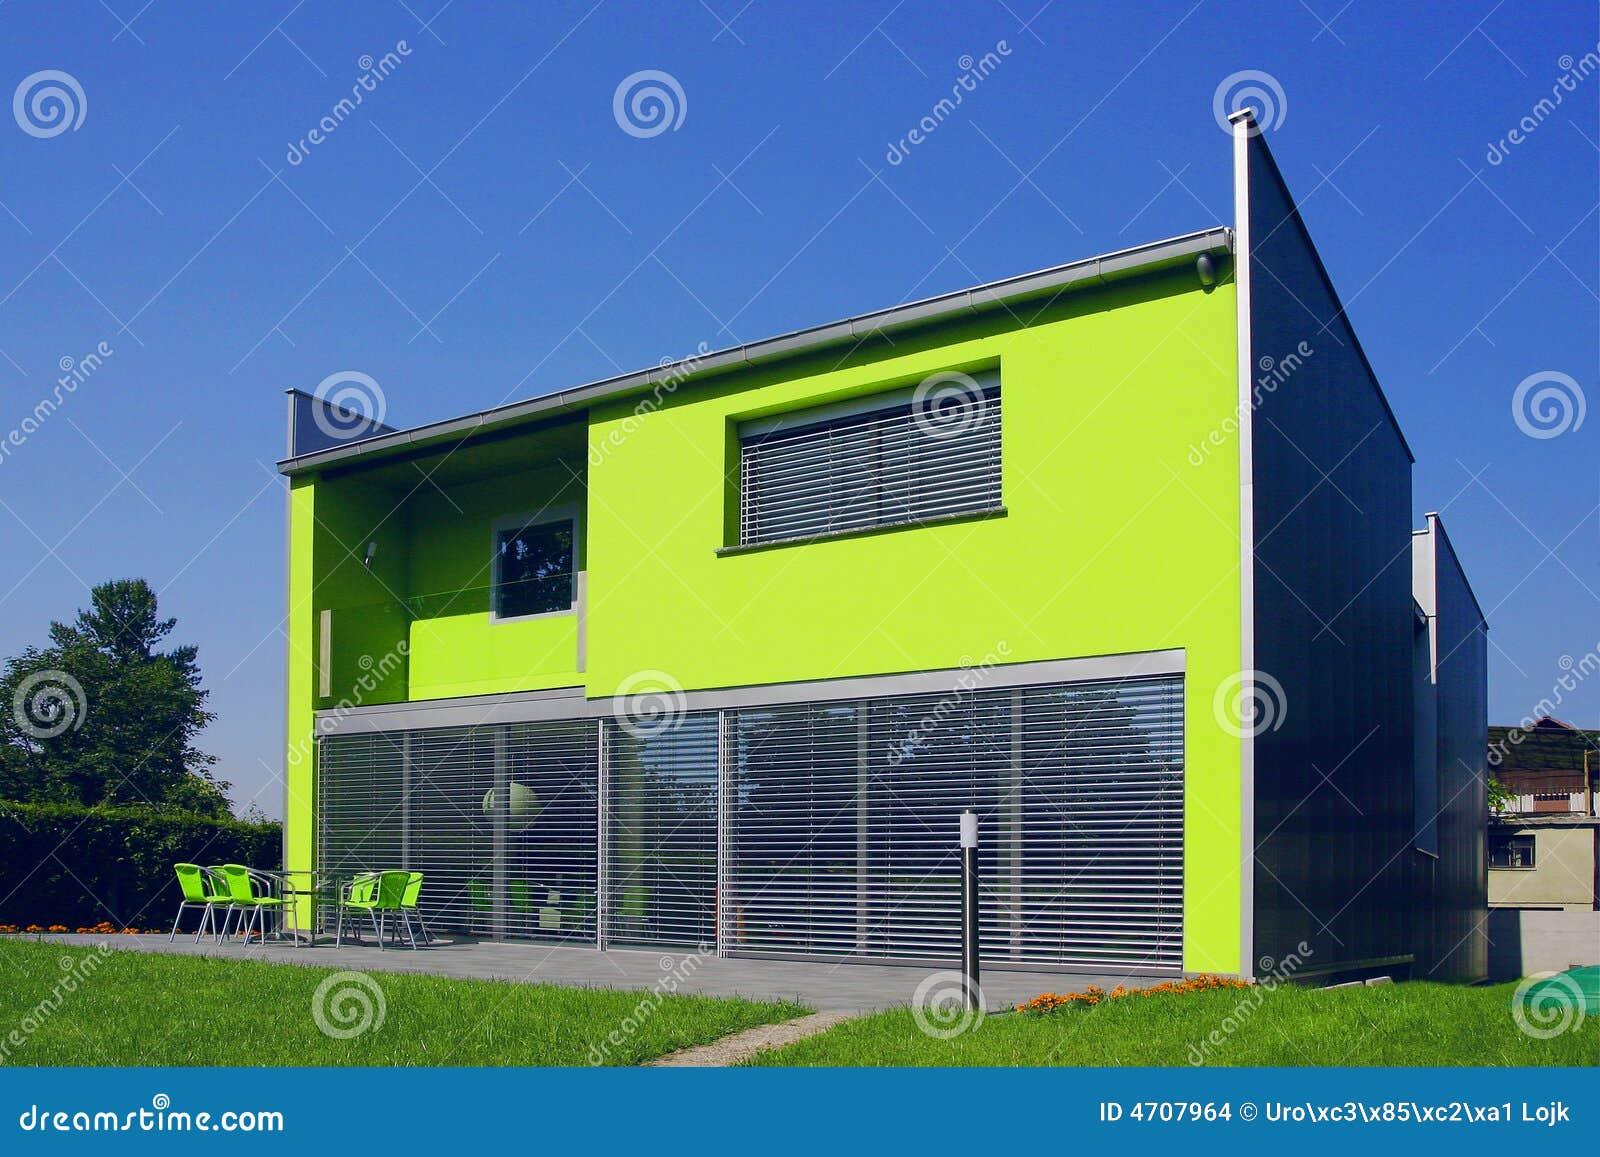 Eenvoudig groen huis stock afbeeldingen afbeelding 4707964 - Groen huis model ...